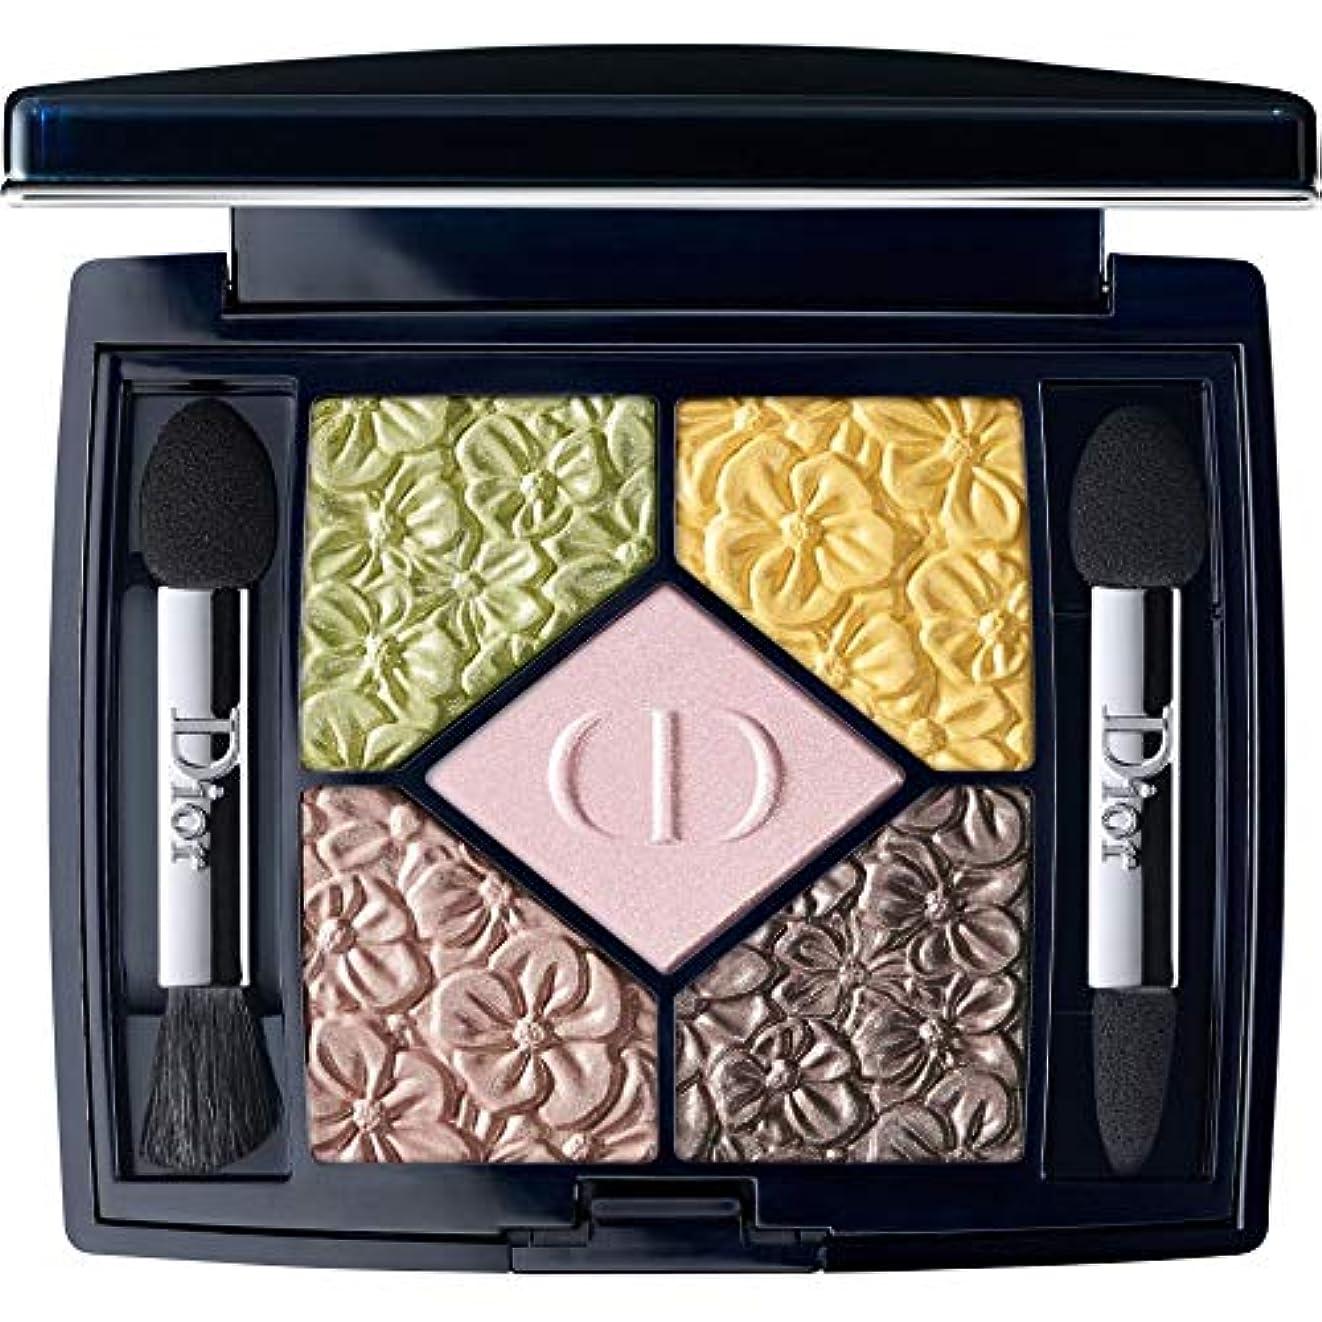 ピアース太い偽装する[Dior ] ディオールの庭園版クチュールカラー&エフェクトアイシャドウパレット4.5グラム451を輝く5 Couleursは - バラ園 - DIOR 5 Couleurs Glowing Gardens Edition...